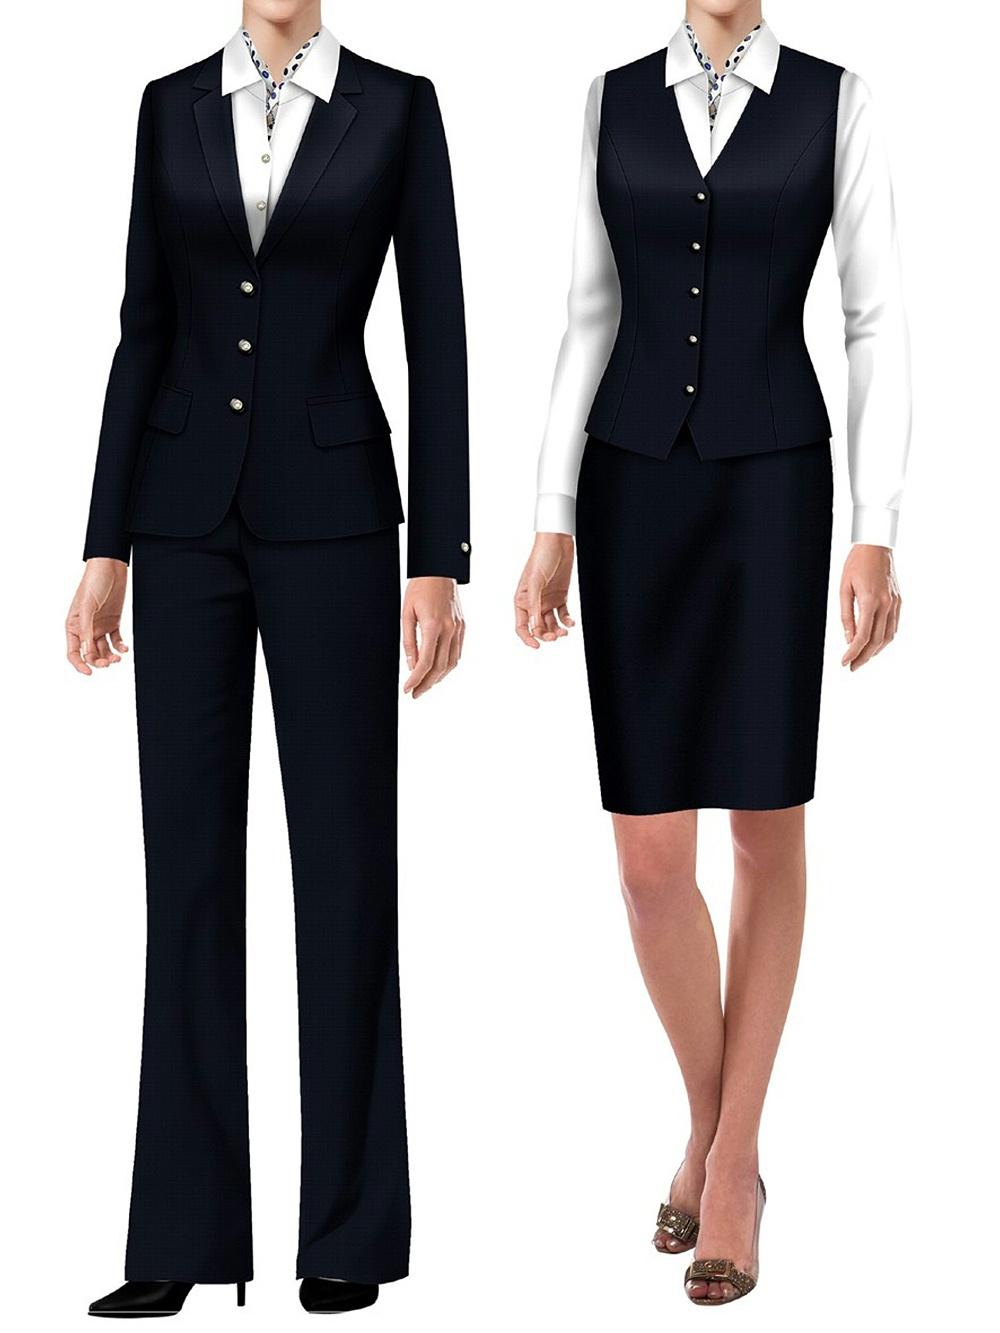 4款银行工作装西服|银行证券公司办公室员工制服 女款